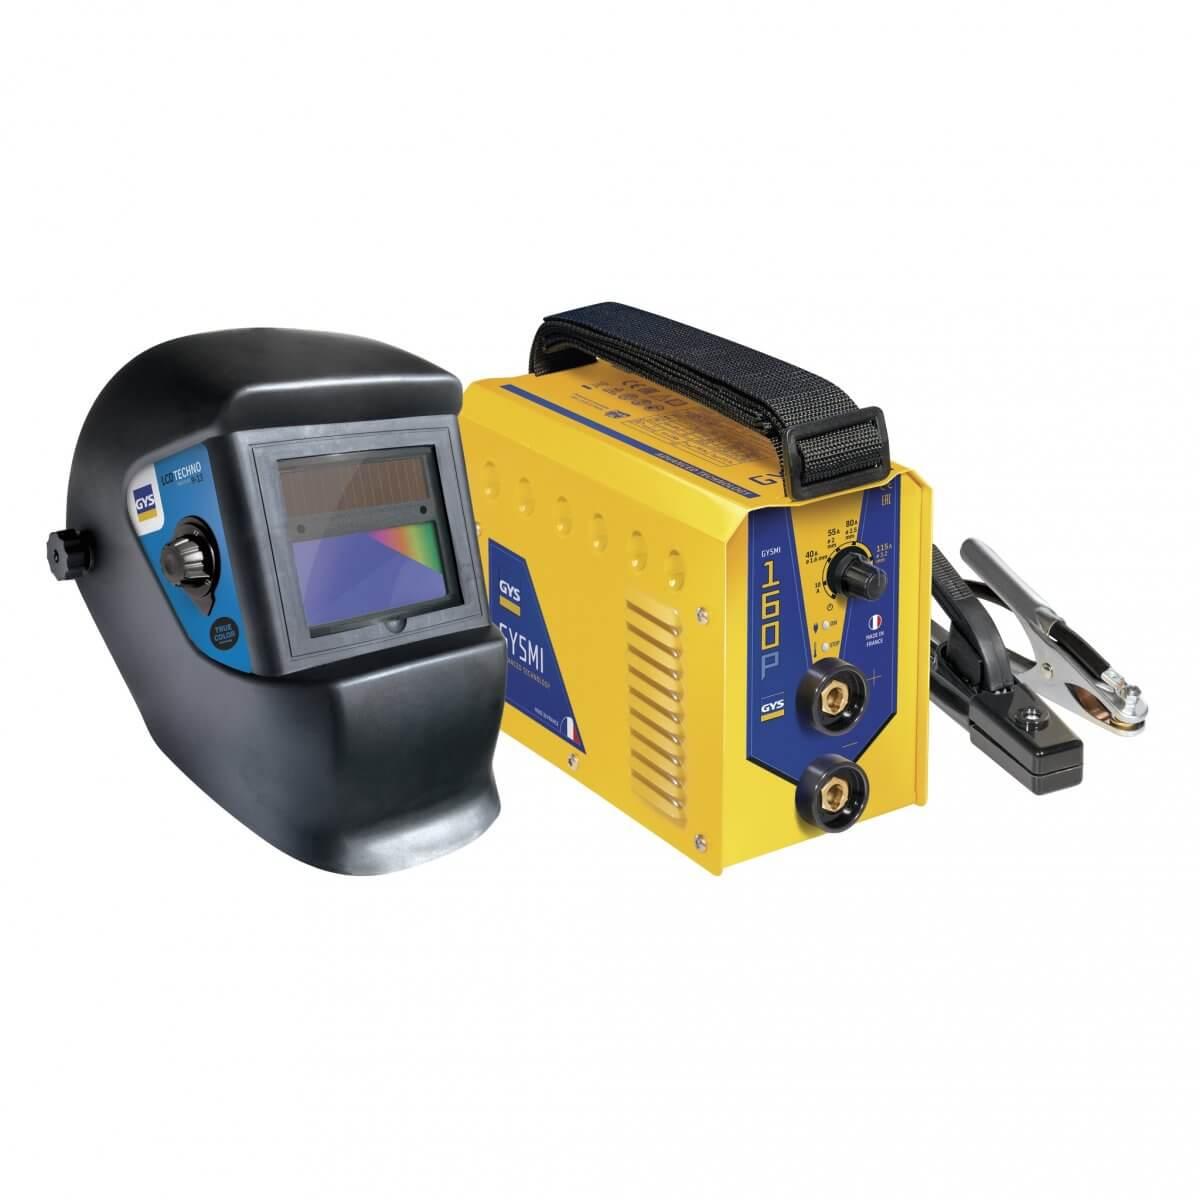 Poste à souder GYSMI 160P - Livré avec masque réglable LCD TECHNO 9/13 - TRUE COLOR - GYS